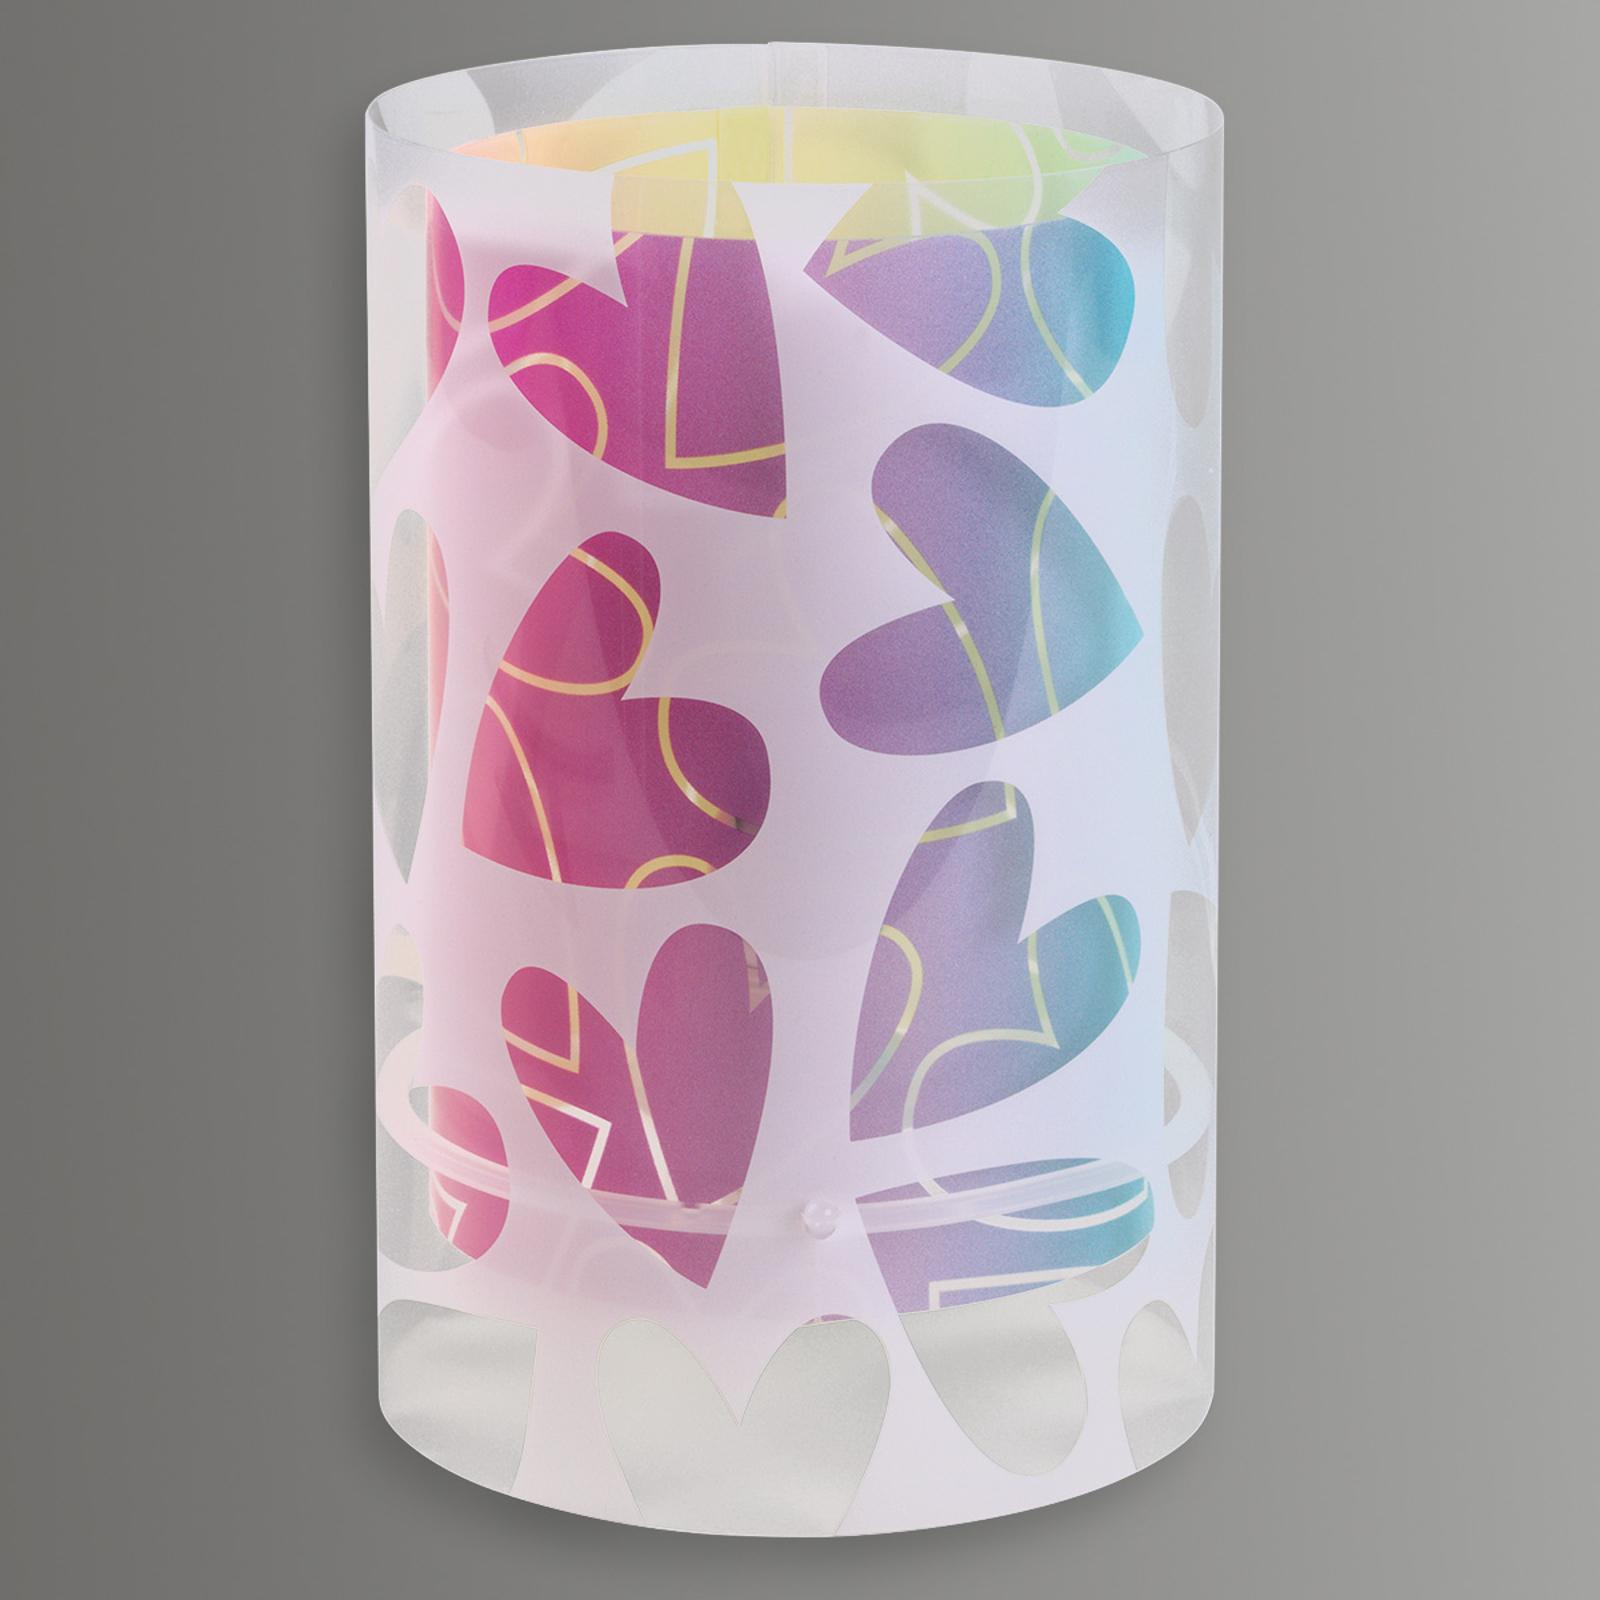 Cuore - lampada da tavolo decorata con cuori